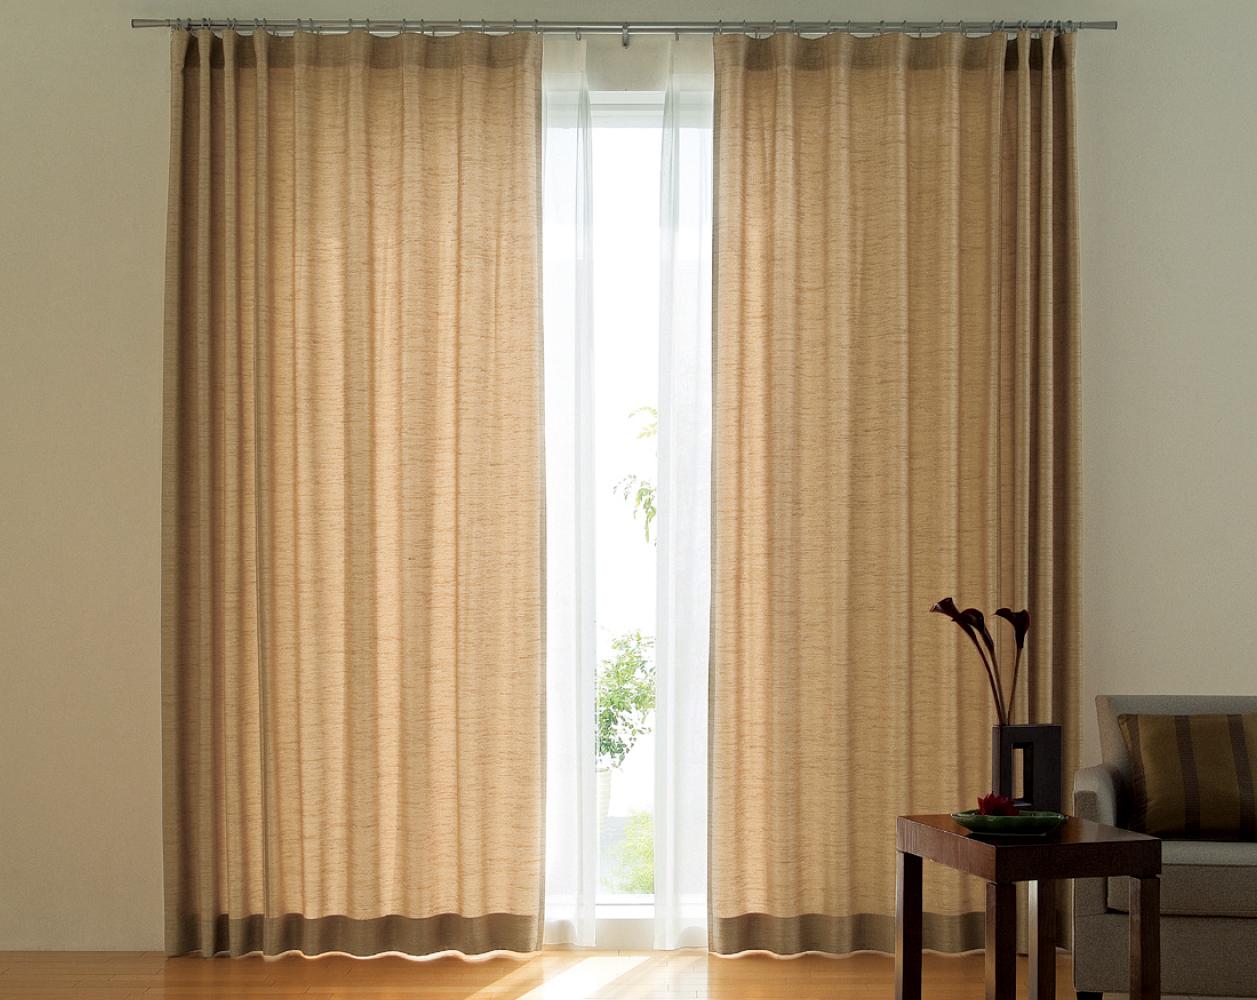 カーテンは測り方がポイント!窓にピッタリでますます素敵にのサムネイル画像